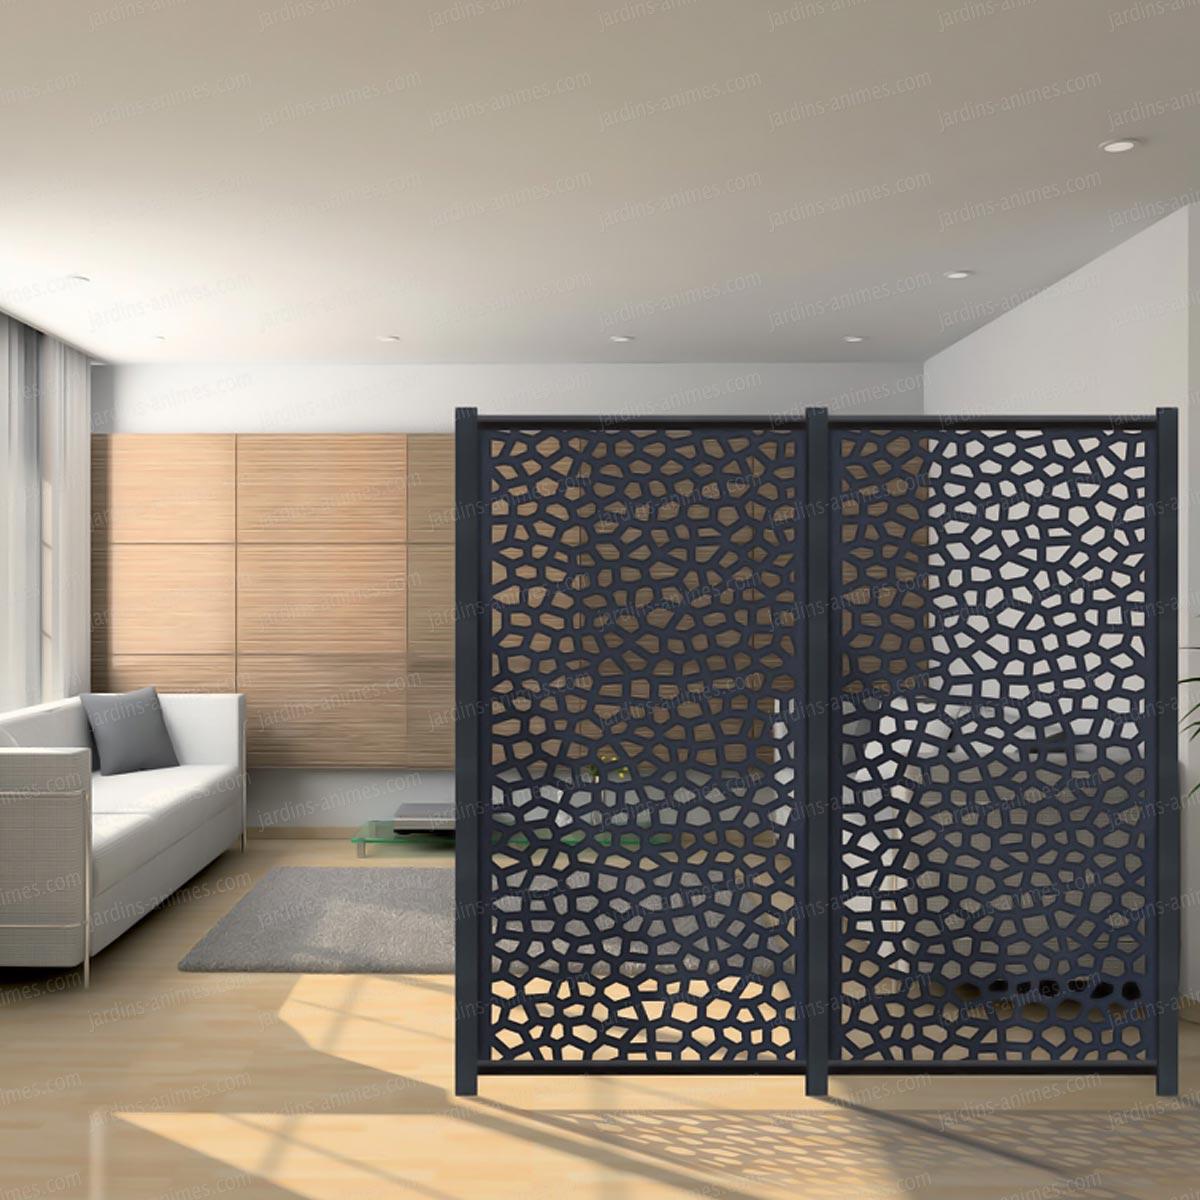 panneau d coratif mosaic 1m x 2m en r sine haute qualit. Black Bedroom Furniture Sets. Home Design Ideas